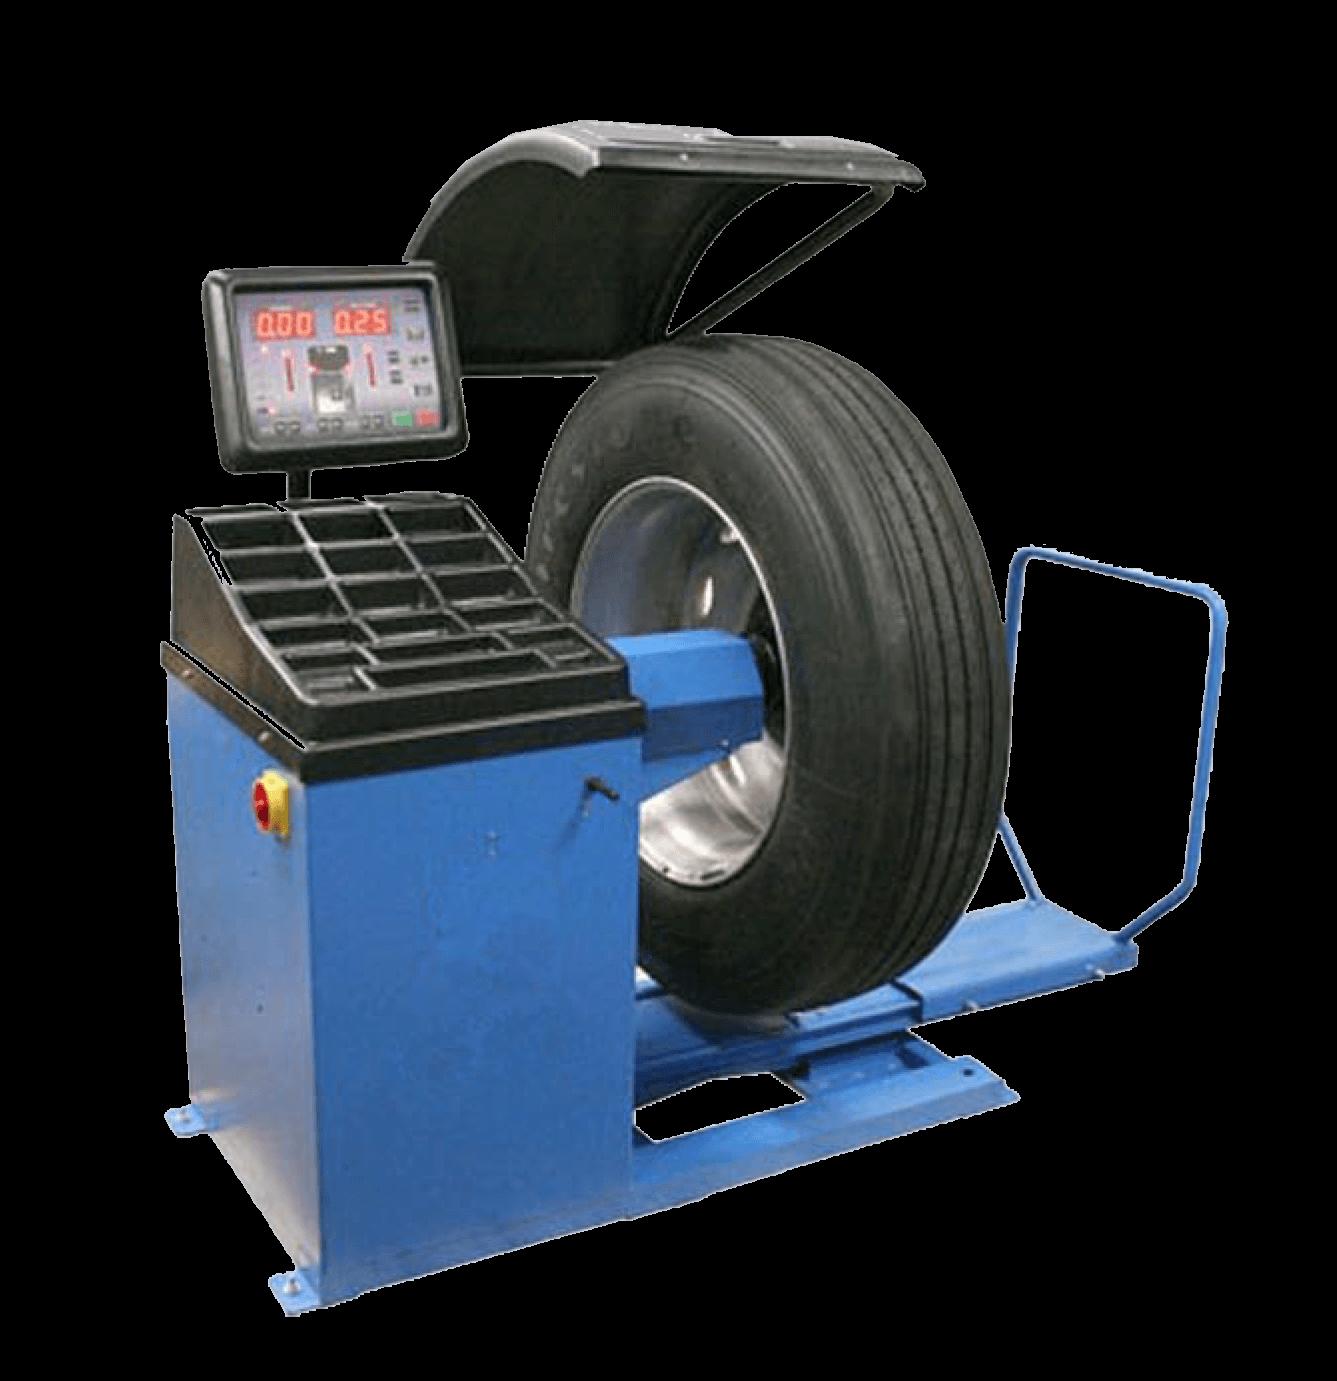 equilibreuse de roue poids lourds robuste pour des roues jusqu 39 200kg. Black Bedroom Furniture Sets. Home Design Ideas